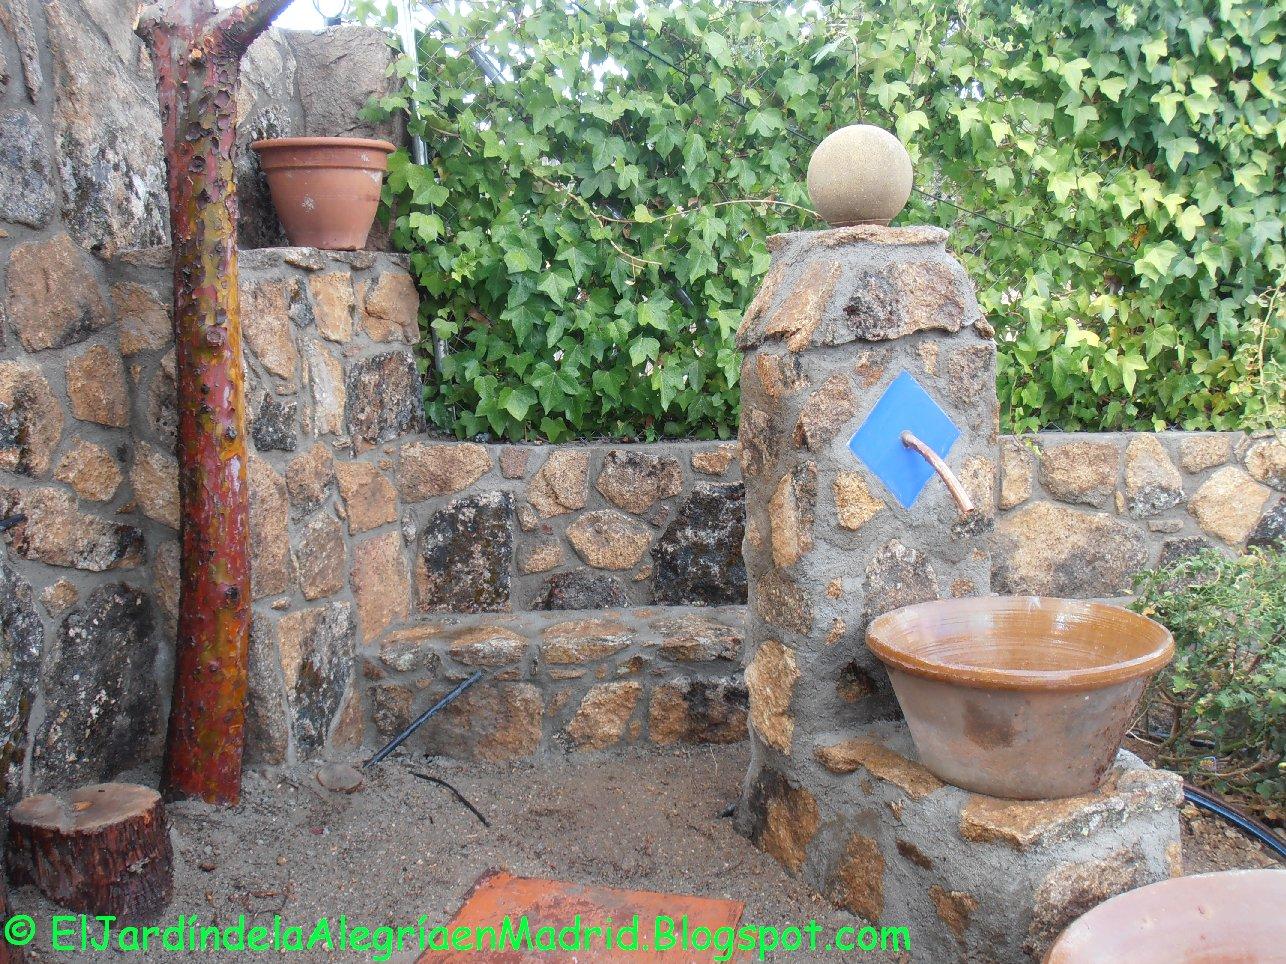 El jard n de la alegr a hemos hecho una fuente de piedra - Comprar piedras jardin ...